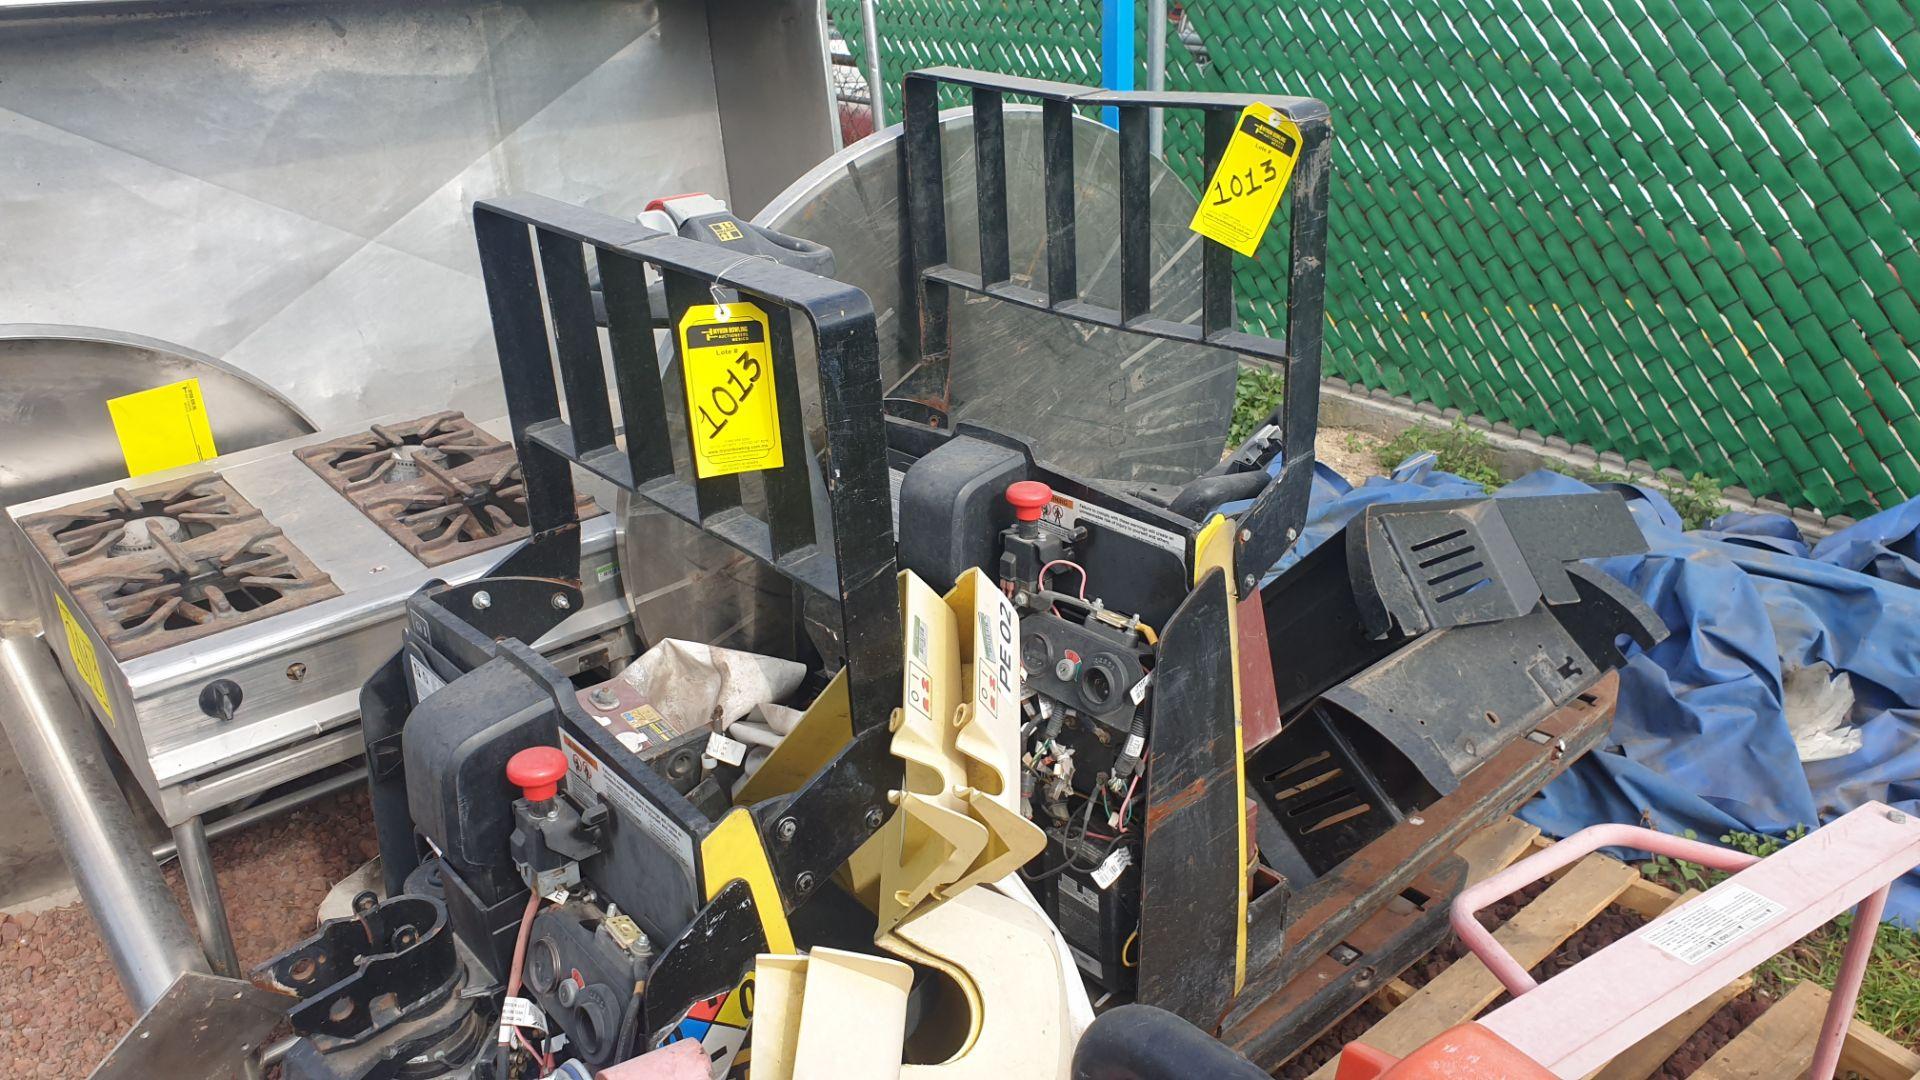 2 HYSTER lift pallet truck model W45ZHD 24 V , 1 DAYTON lift pallet truck model 21XV82 - Image 4 of 21